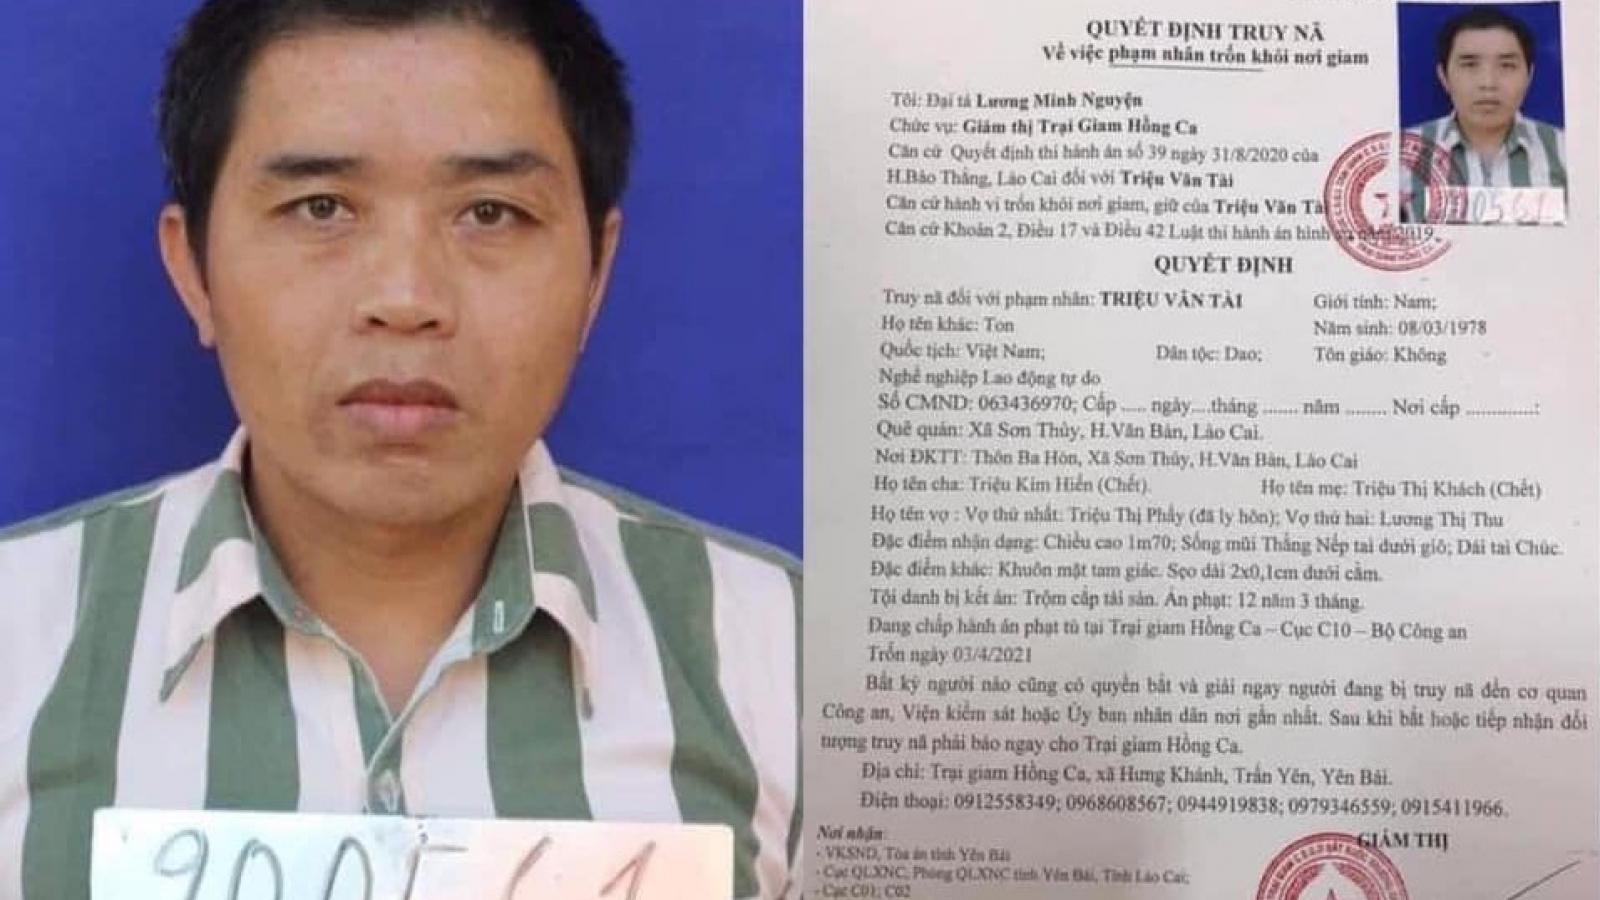 Hàng trăm cán bộ, chiến sỹ truy bắt phạm nhân trốn trại ở Yên Bái